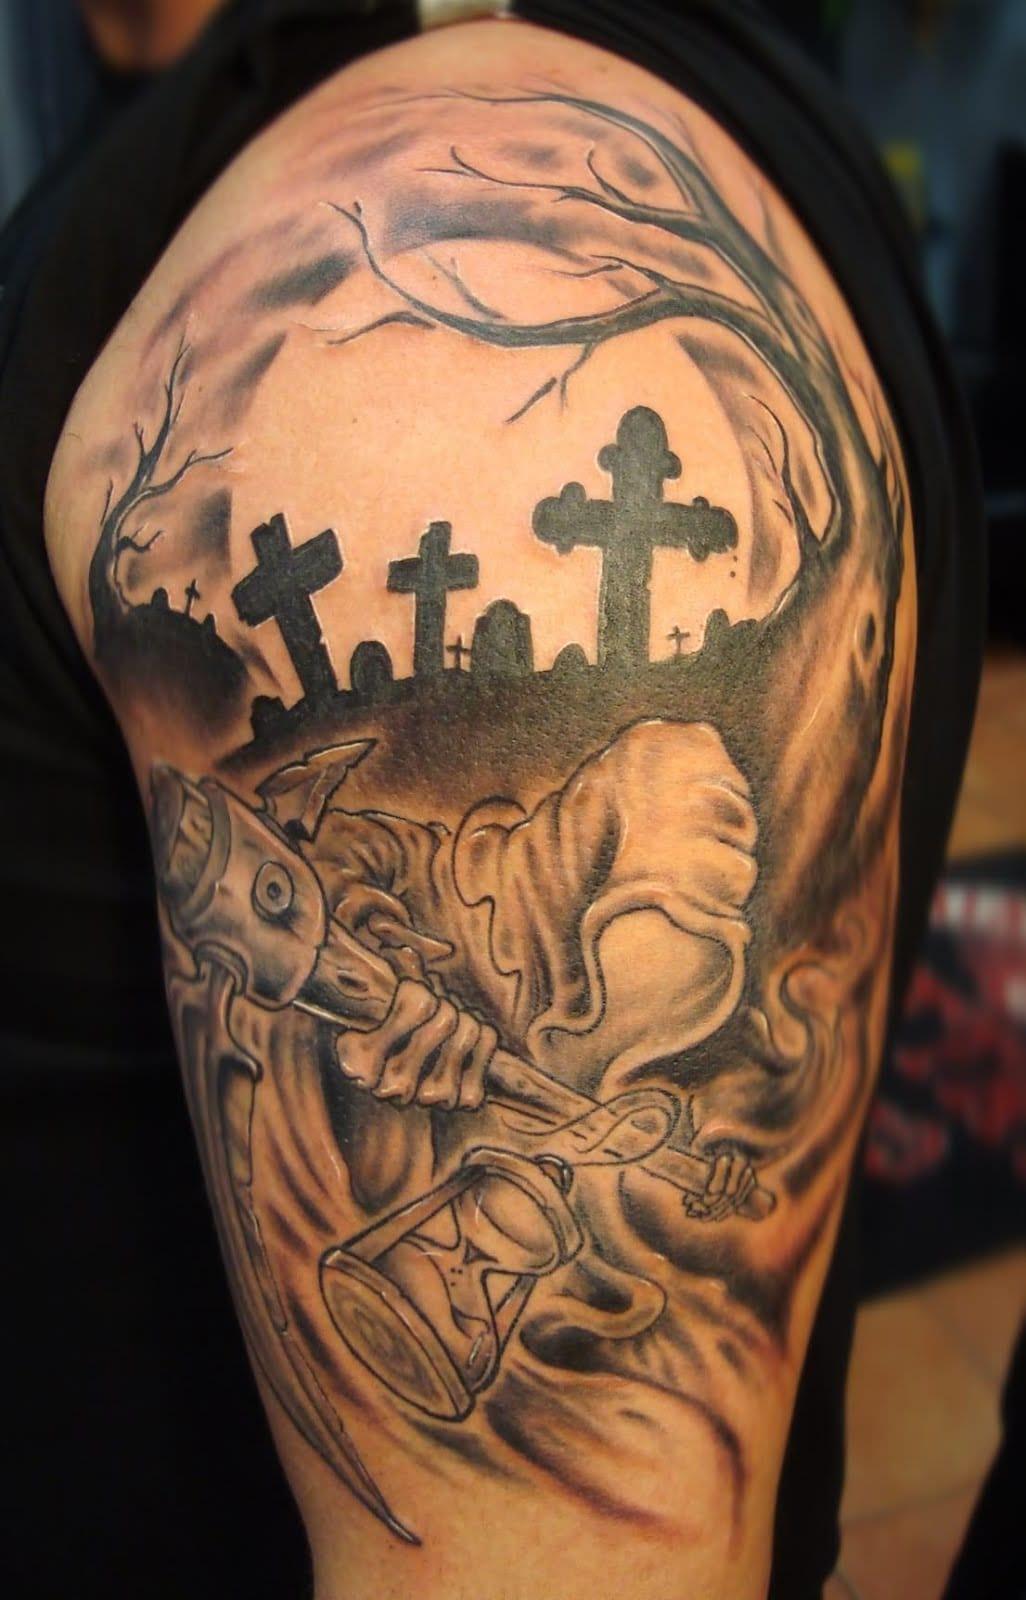 Asusss e sua tatuagem mostrando a morte no seu habitat natural